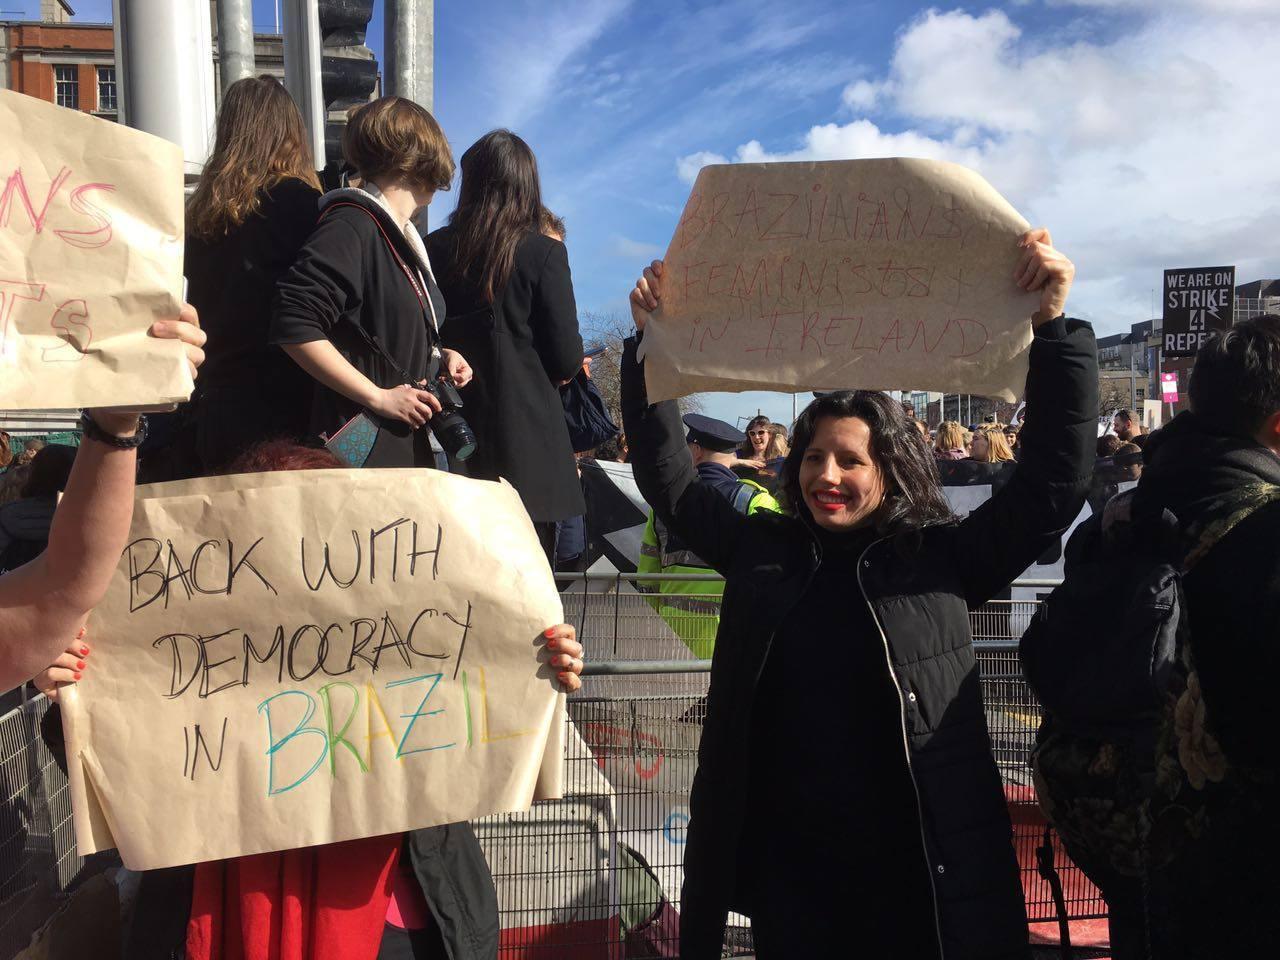 Mulheres Irlandesas lutando pelo direito de decidir